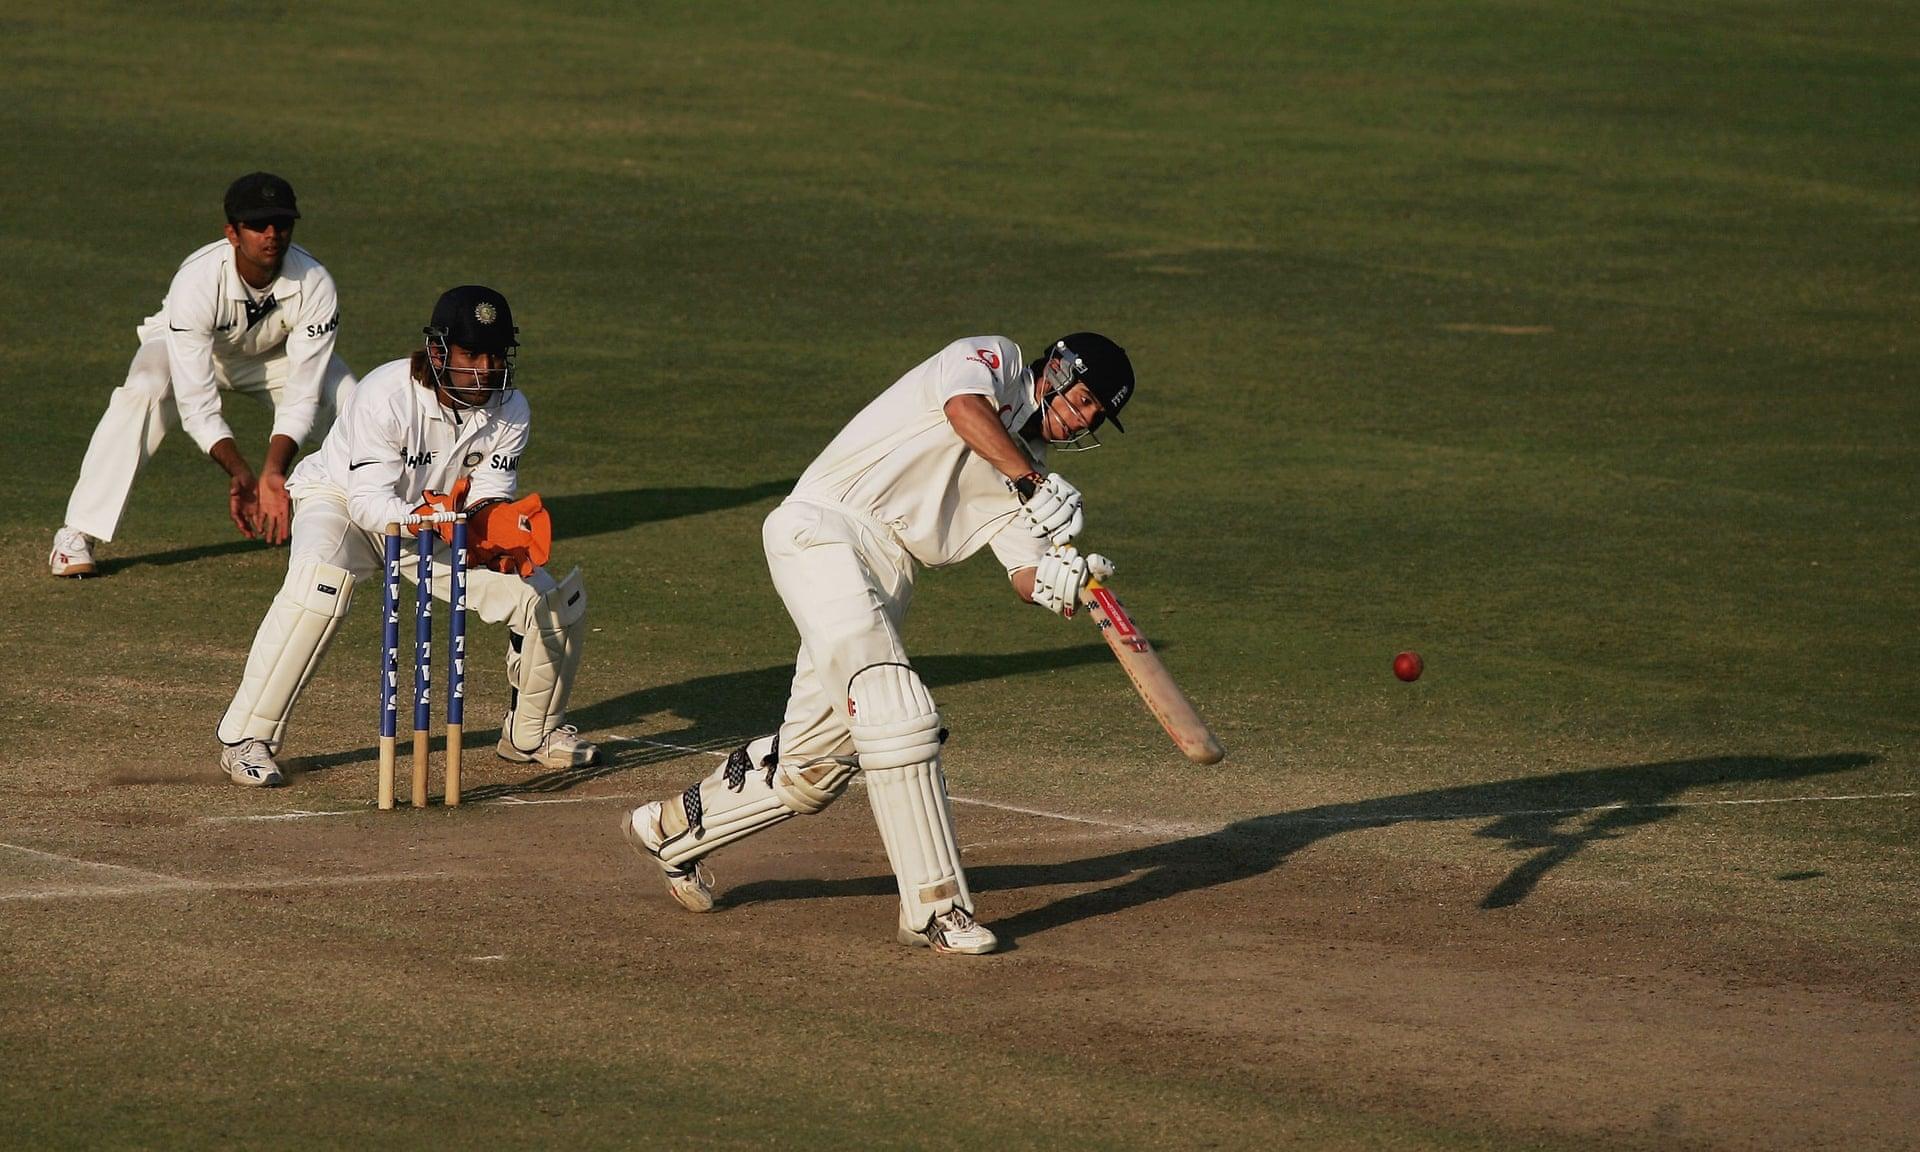 ENG vs IND: भारत के खिलाफ डेब्यू करने वाले एलिस्टर कुक टीम इंडिया के खिलाफ ही करेंगे सन्यास की घोषणा, ये हैं करियर की 5 सर्वश्रेष्ठ पारियां 4